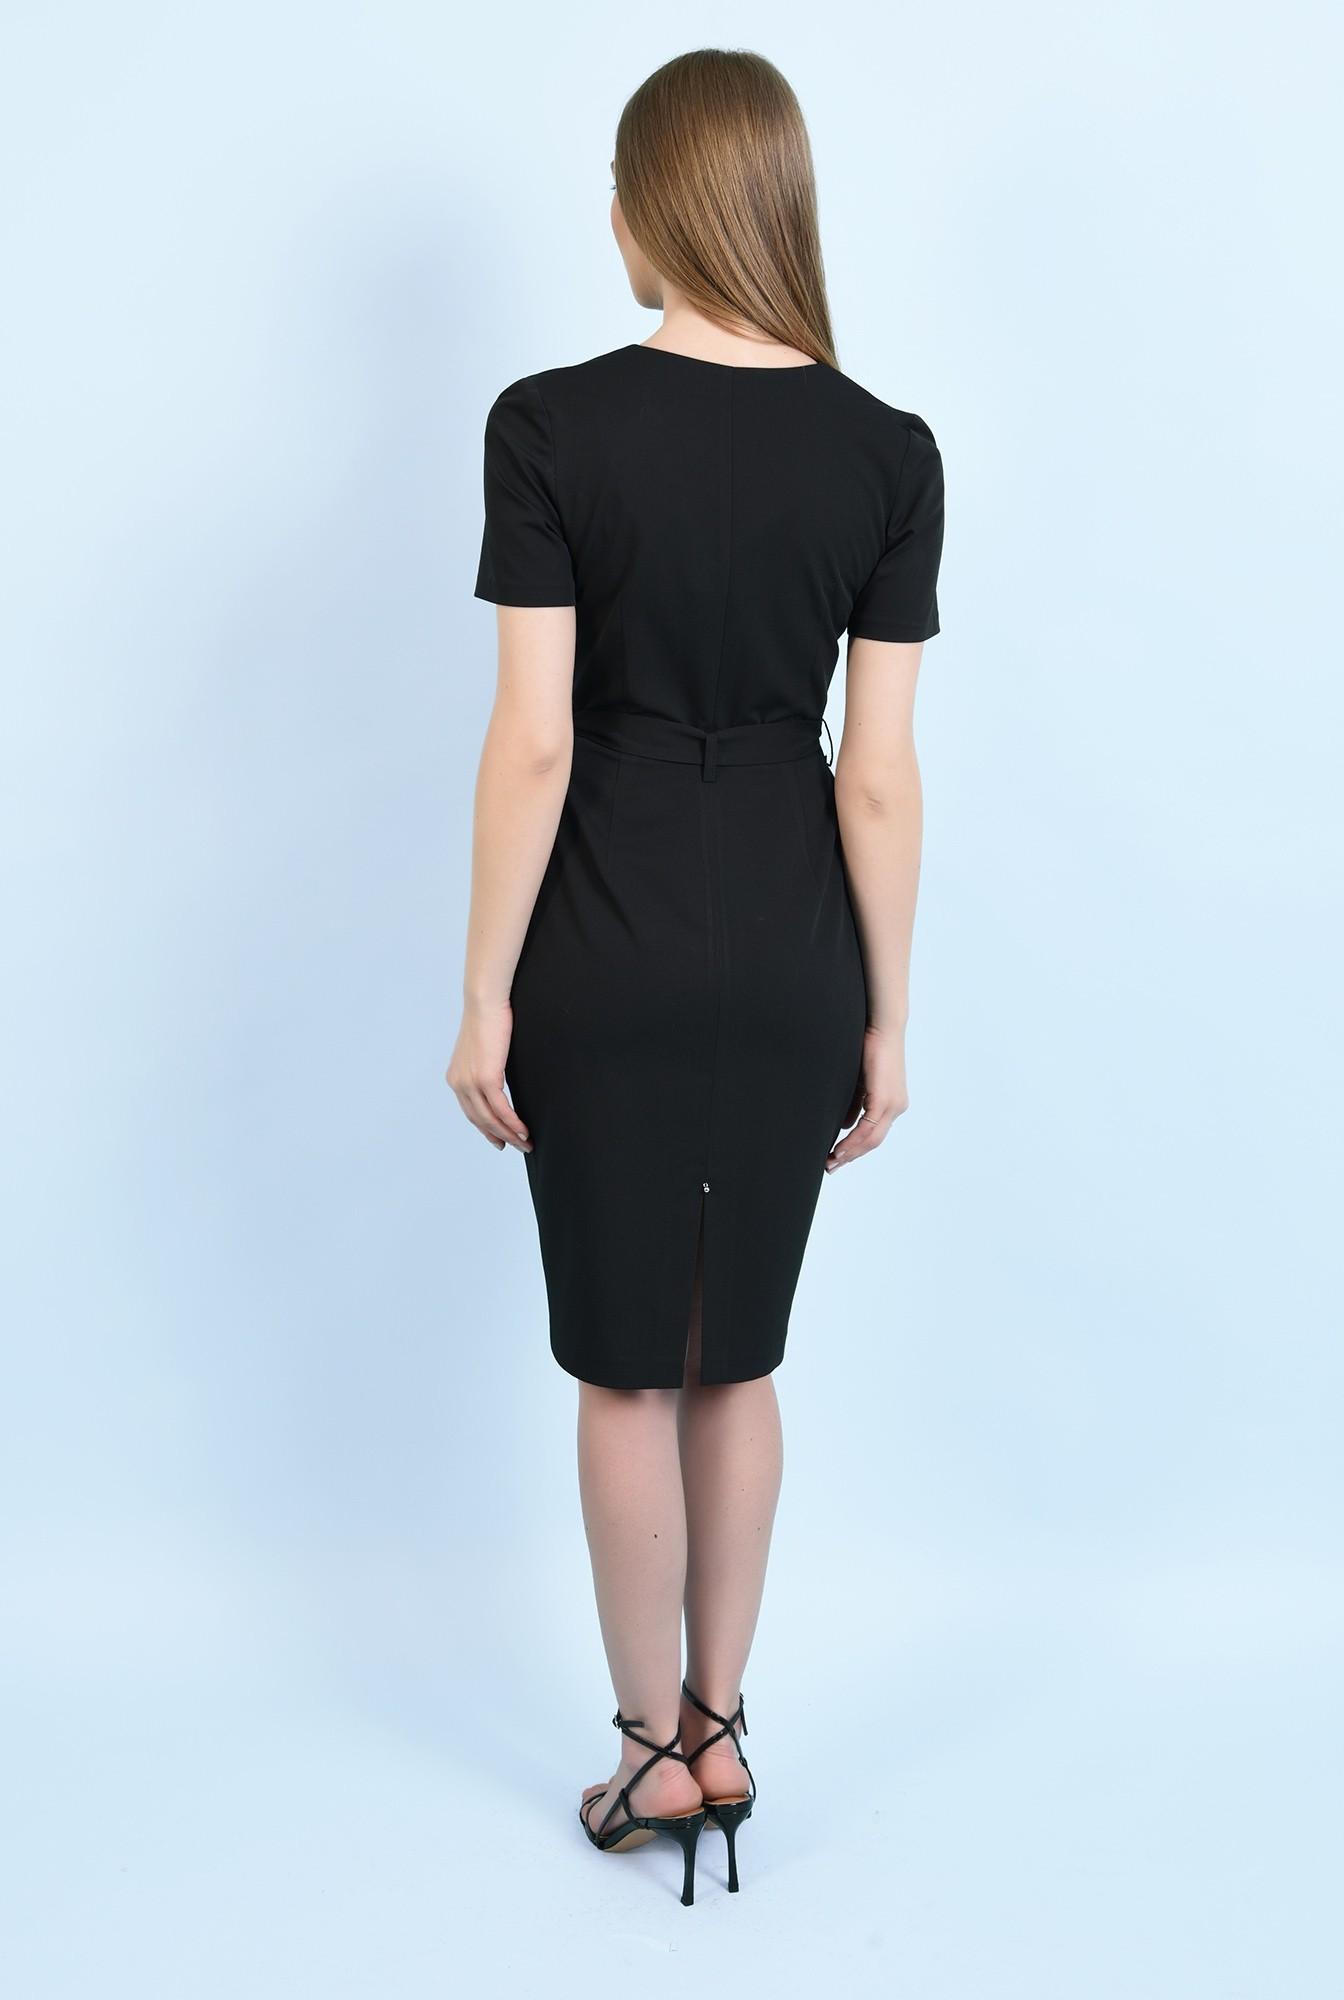 1 - rochie neagra, midi, conica, cu nasturi, cu cordon, rochie de birou